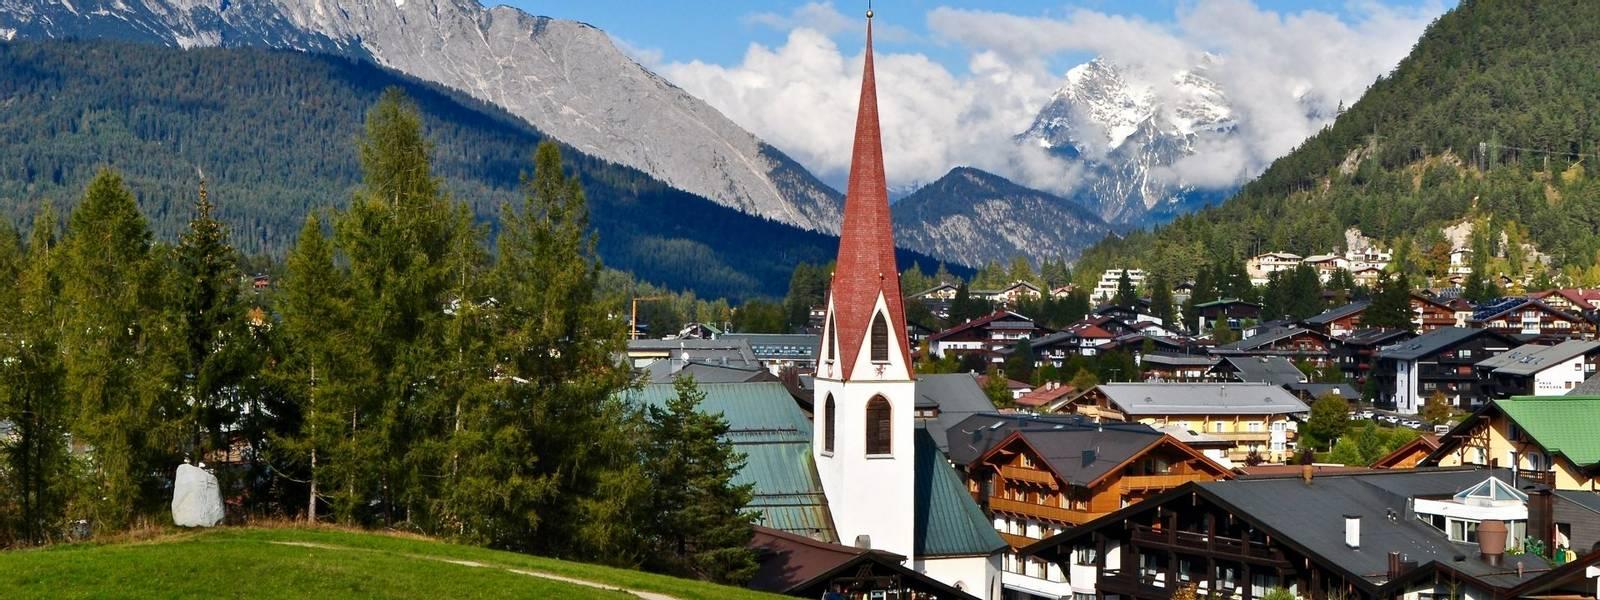 Austria - Seefeld - Weidach - AdobeStock_126774261.jpeg